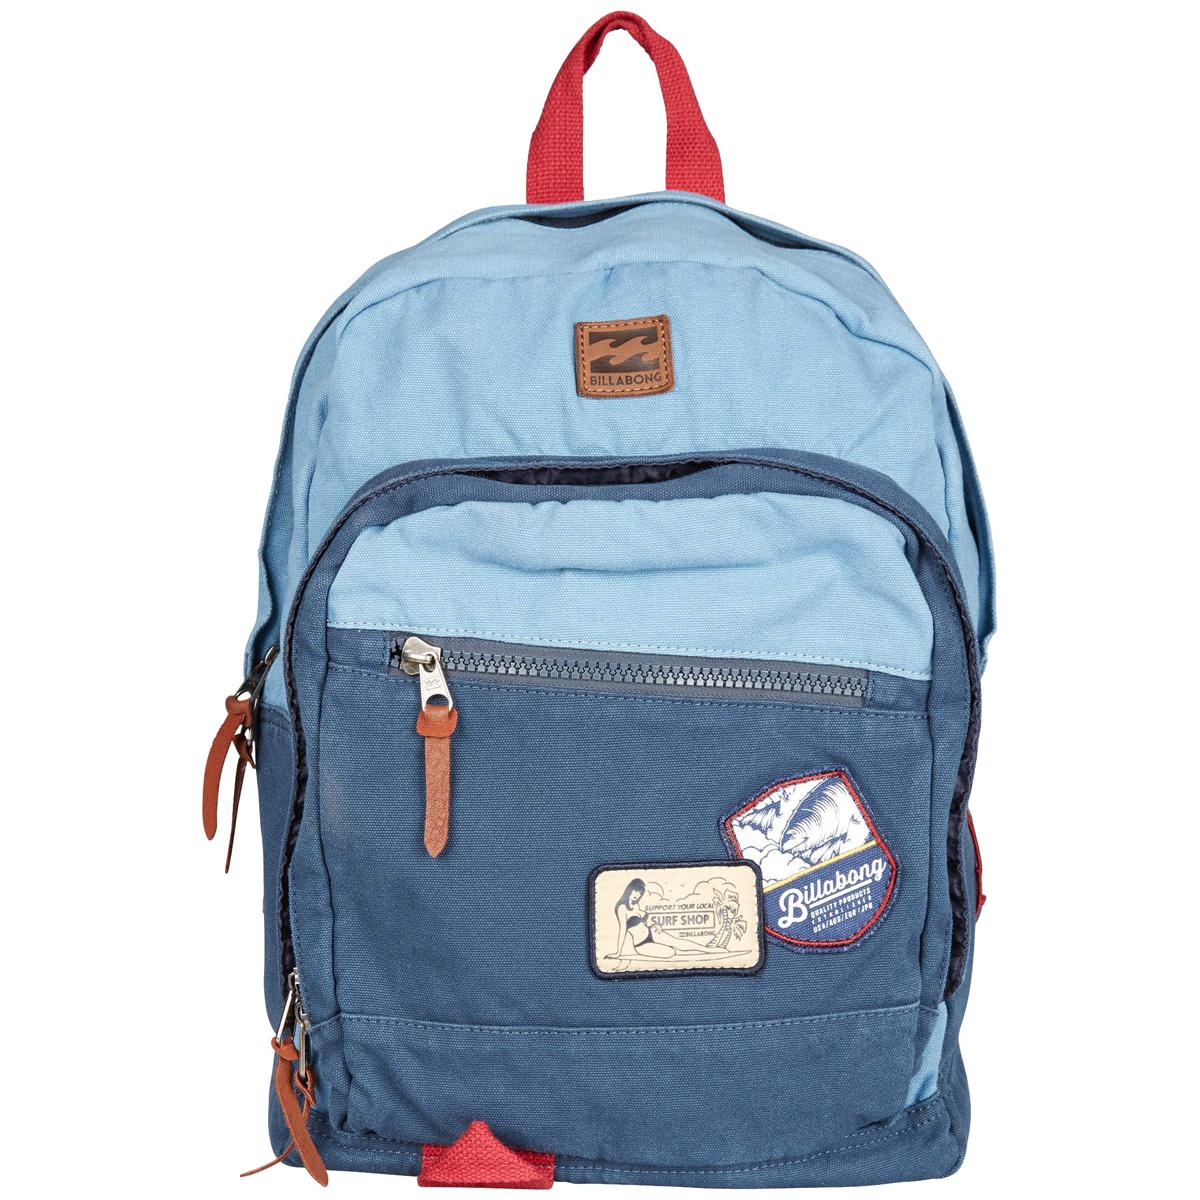 Рюкзак городской Billabong York Canvas, цвет: синий, голубойBP-001 BKСохраняйте классический статус с этим рюкзаком Billabong York Canvas. Асимметричный внешний карман для мелочей, защищенное отделение для ноутбука, карман для планшета, регулируемые лямки и кожаные детали. А еще, конечно, вместительное основное отделение, которого вам с избытком хватит для жизни в городе.